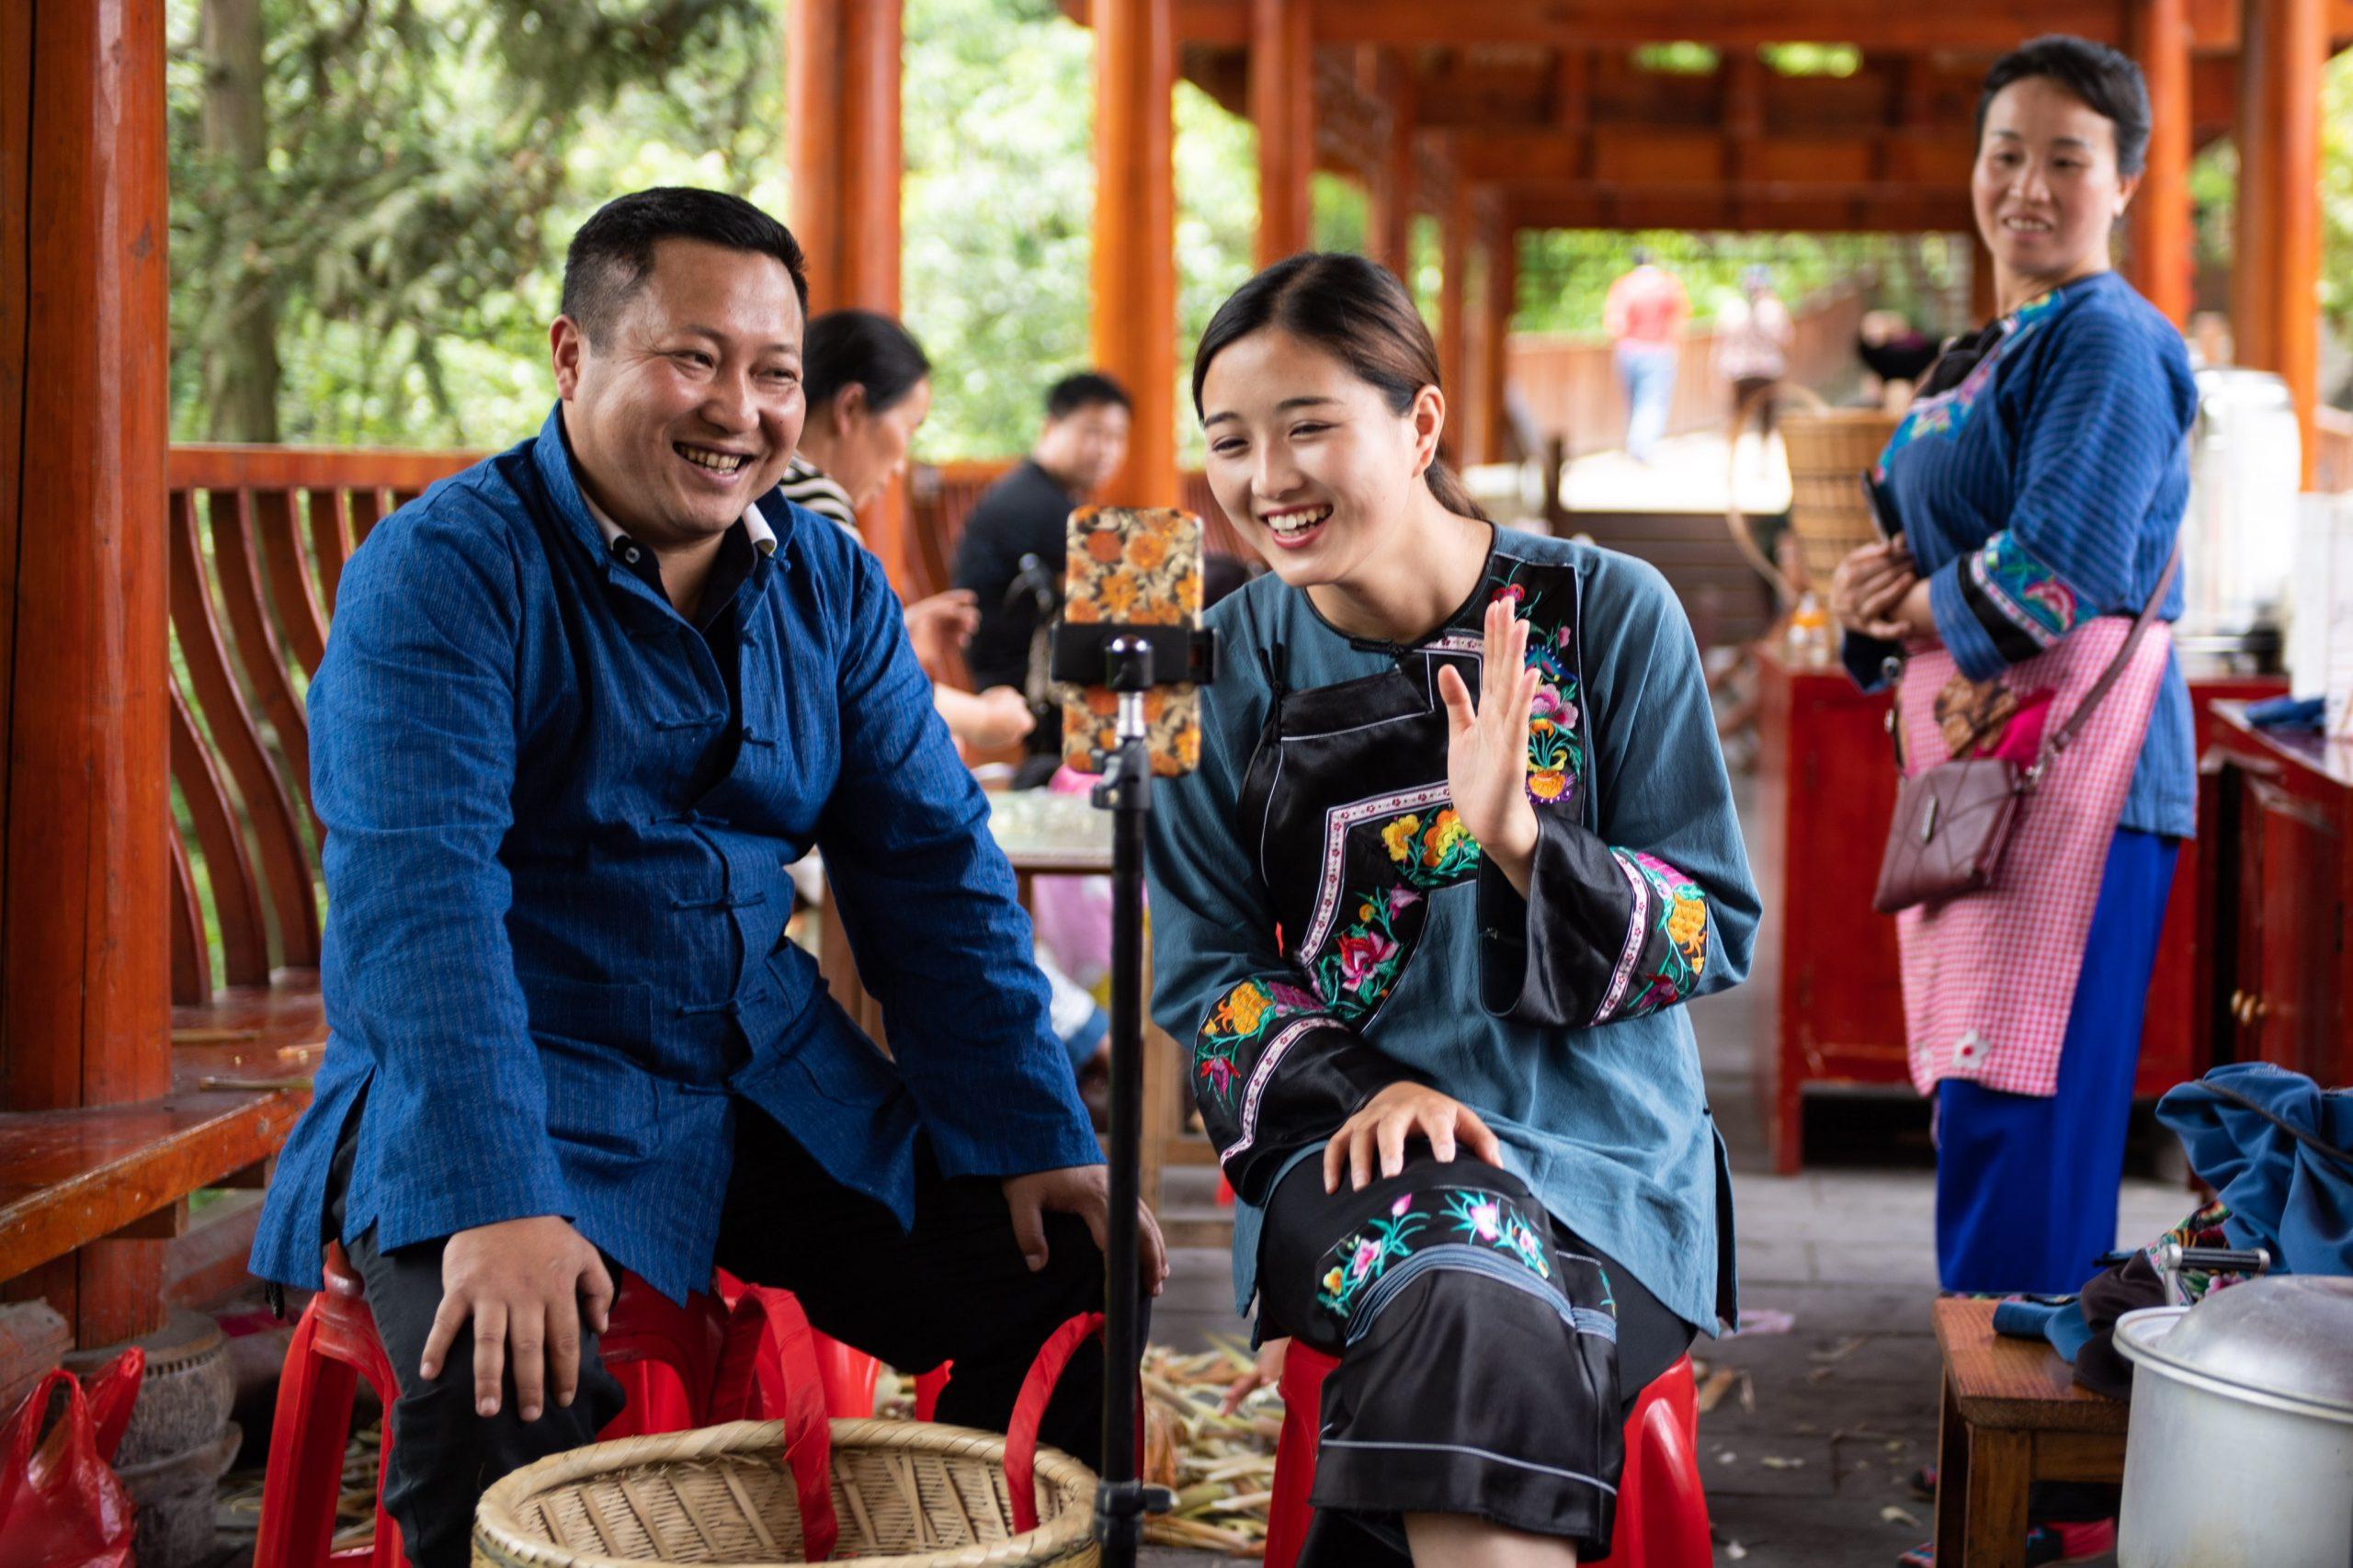 China planea campaña de promover consumo para ayudar a aliviar pobreza